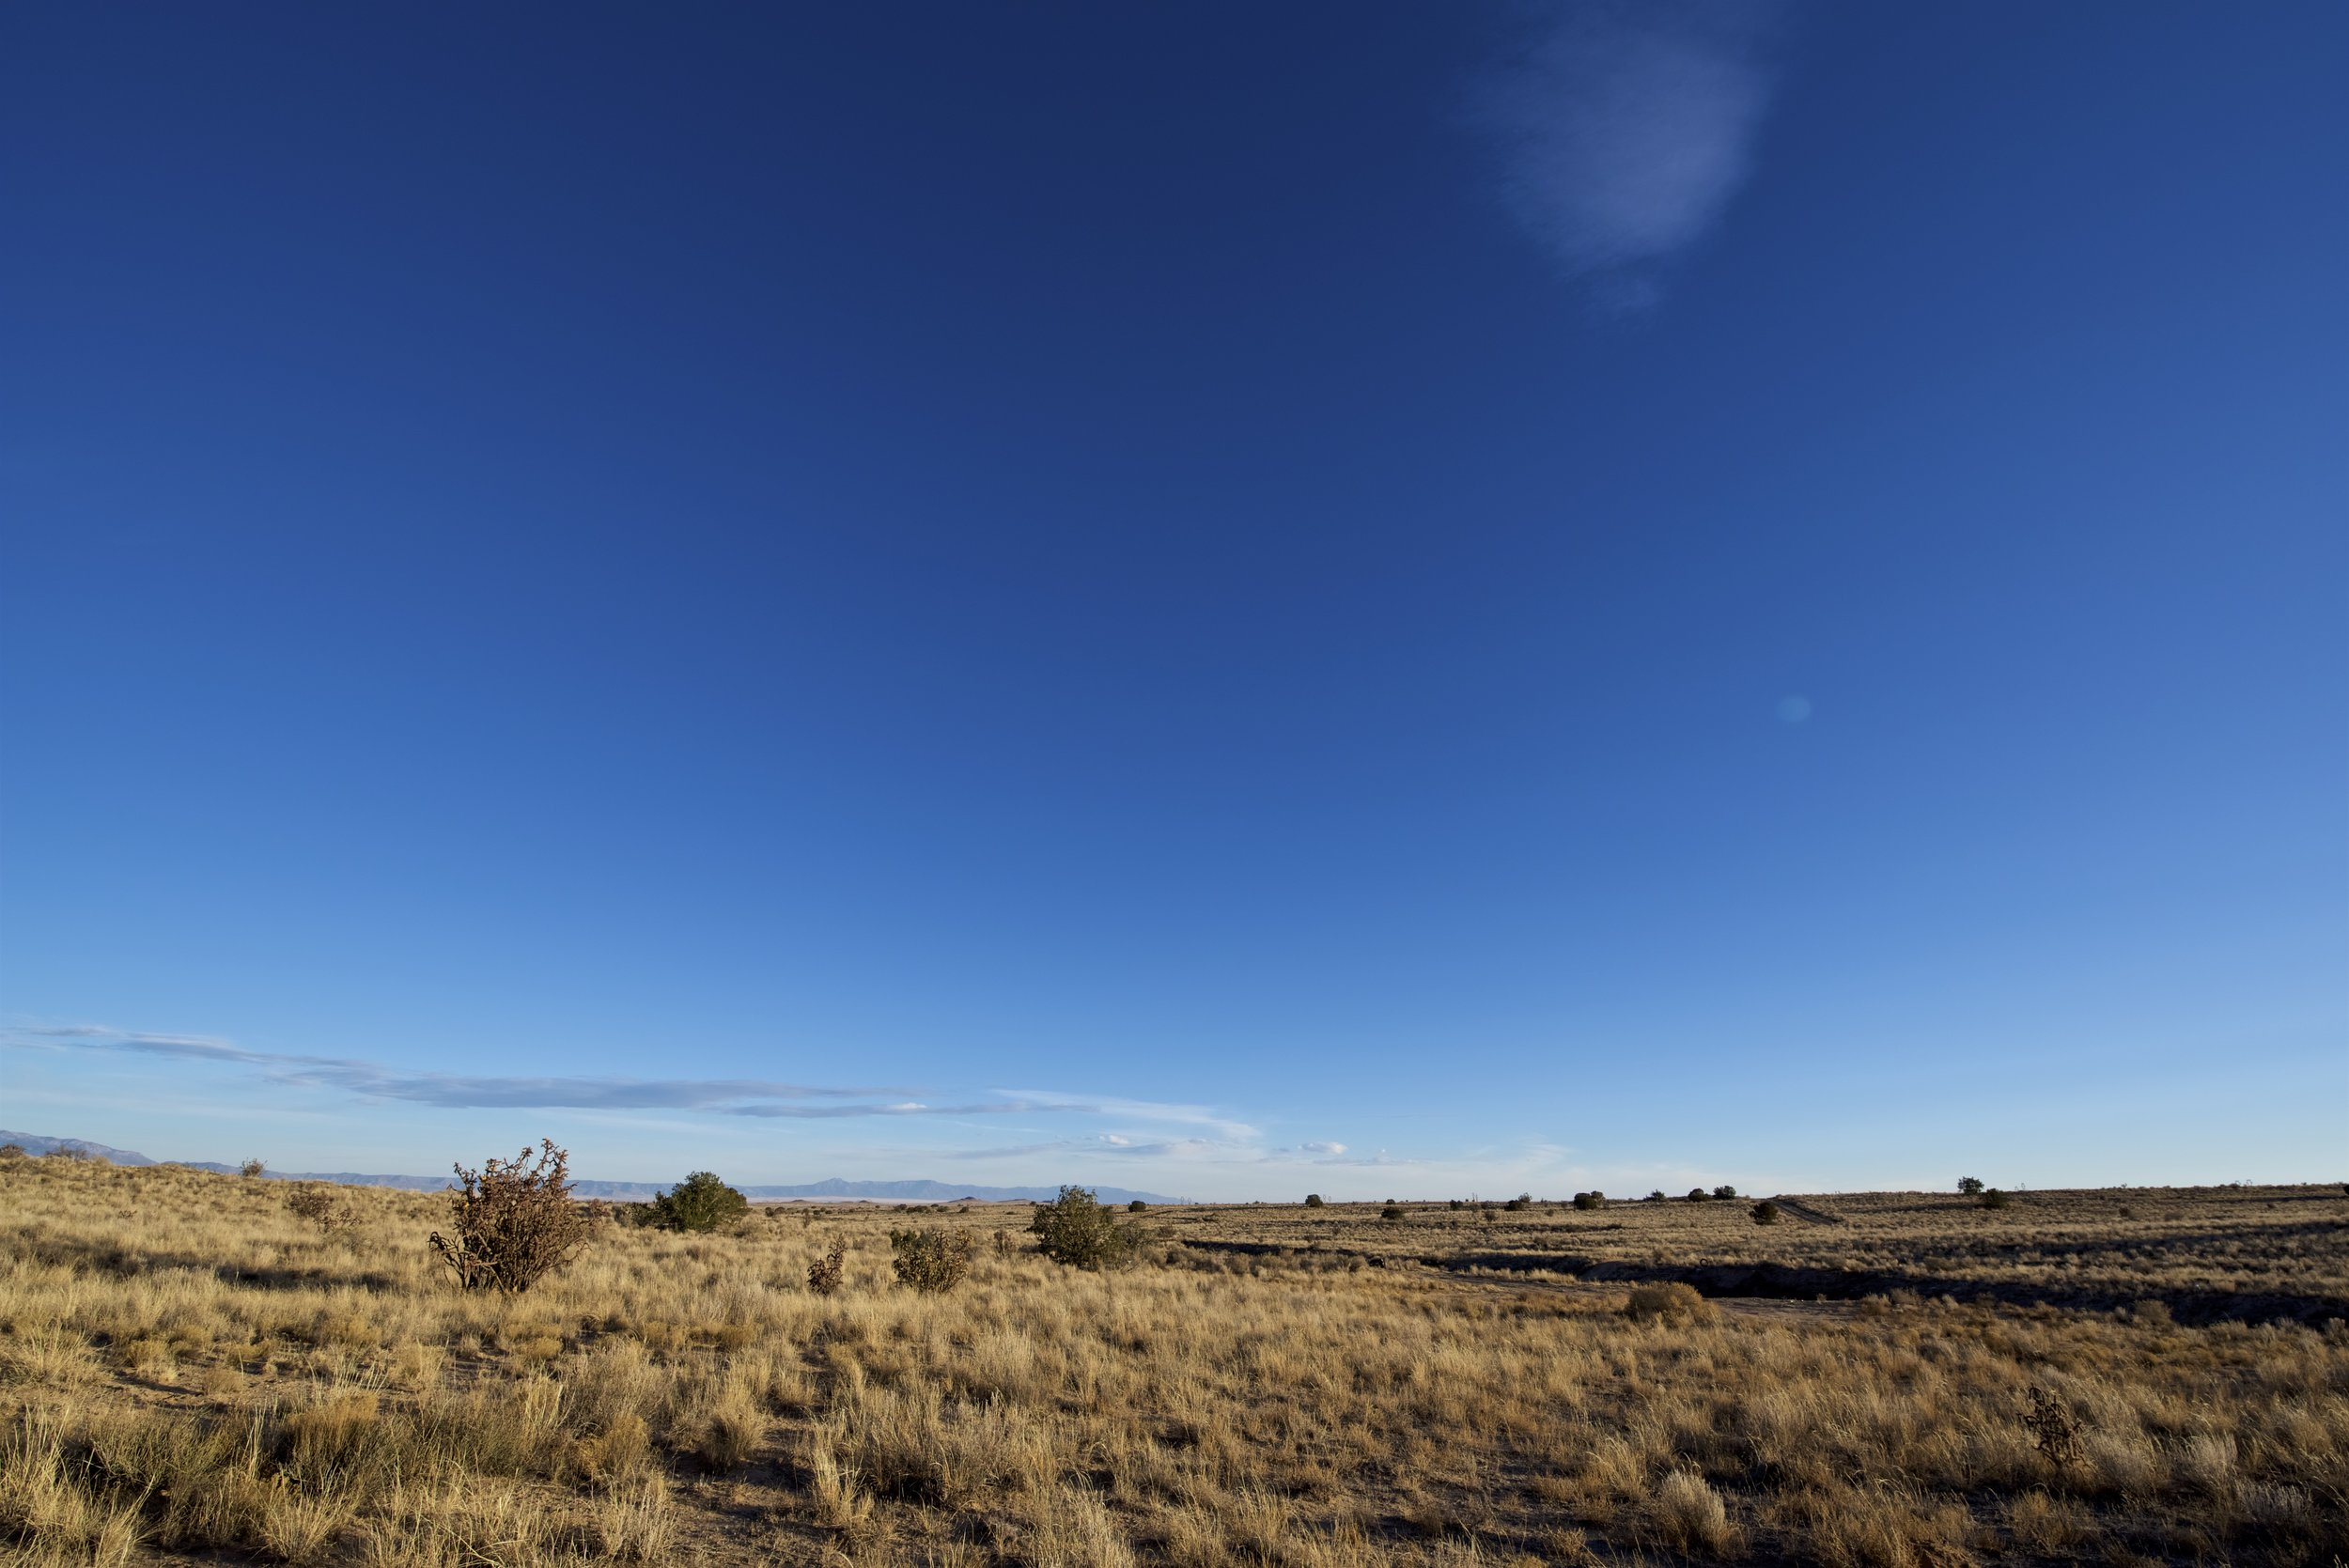 SNNM-2430A-rio-rancho-85190.jpg